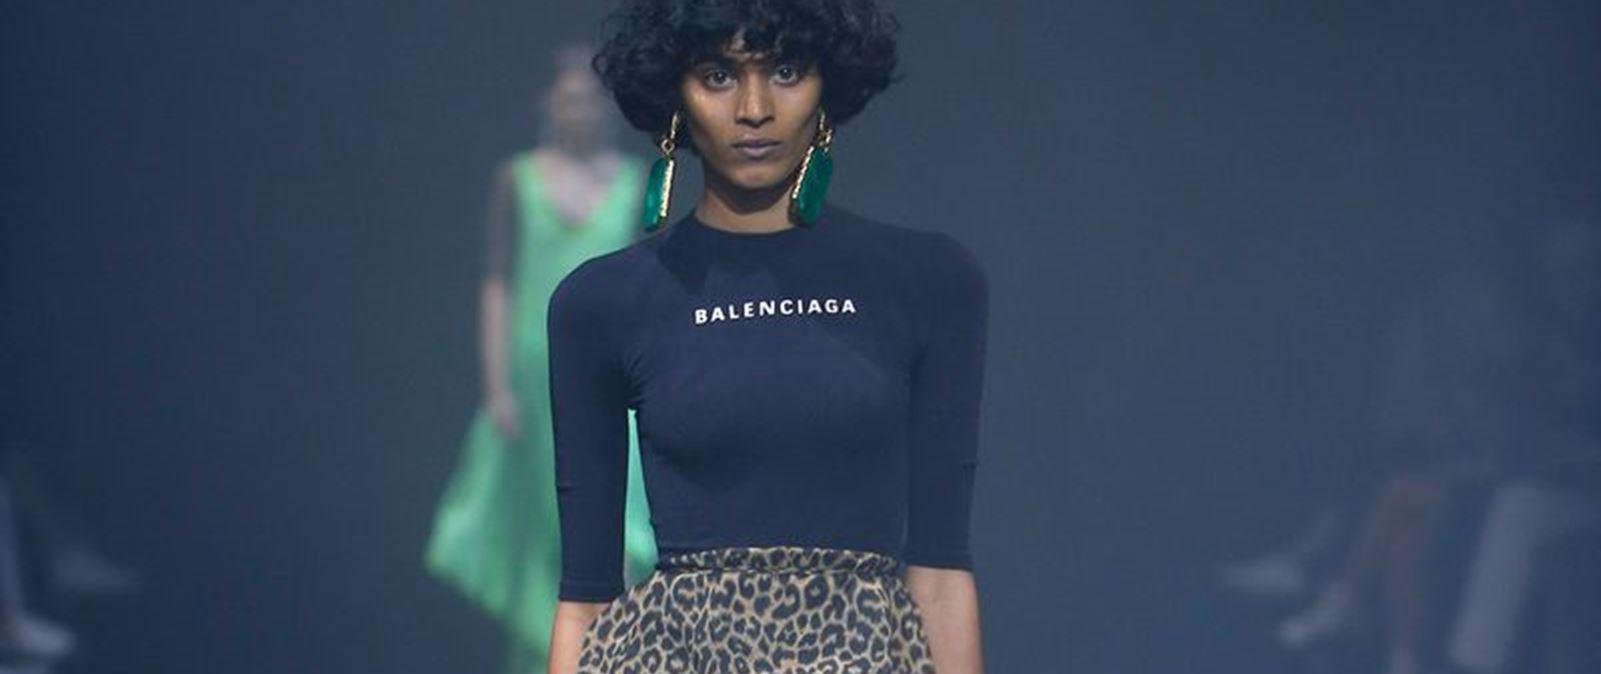 49e61ccd00f MAT.FASHION · O Gucci δεν είναι πλέον ο δημοφιλέστερος οίκος στον κόσμο